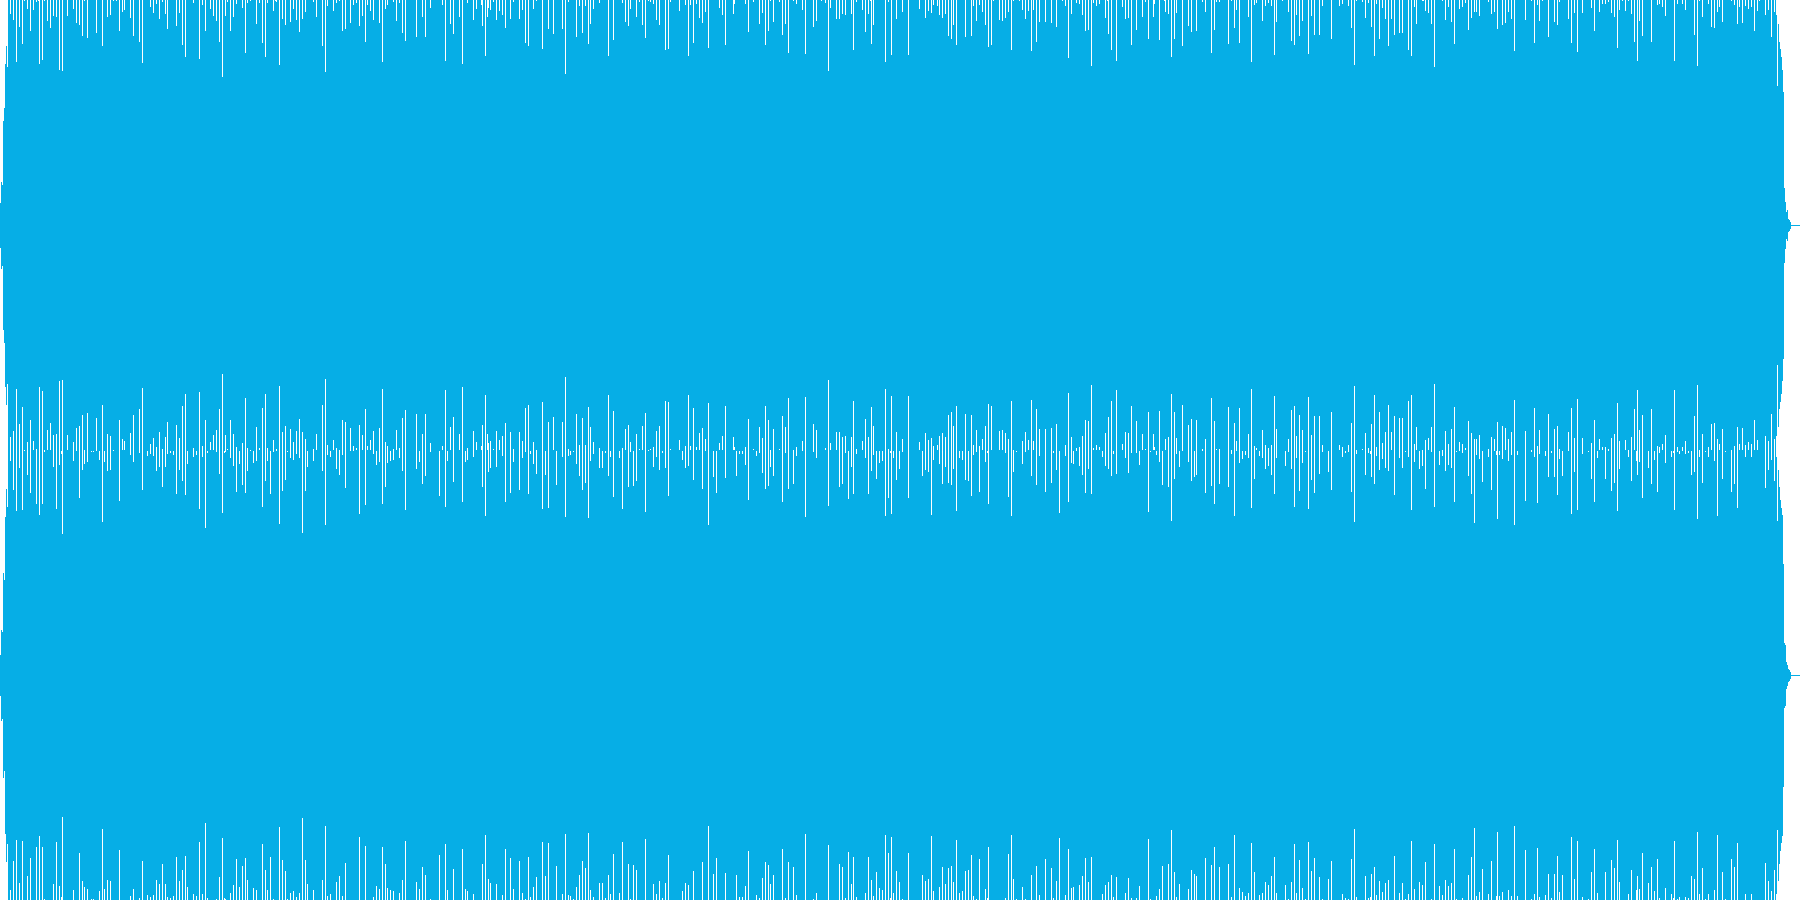 スピード感のあるトランス系繰り返しBGMの再生済みの波形